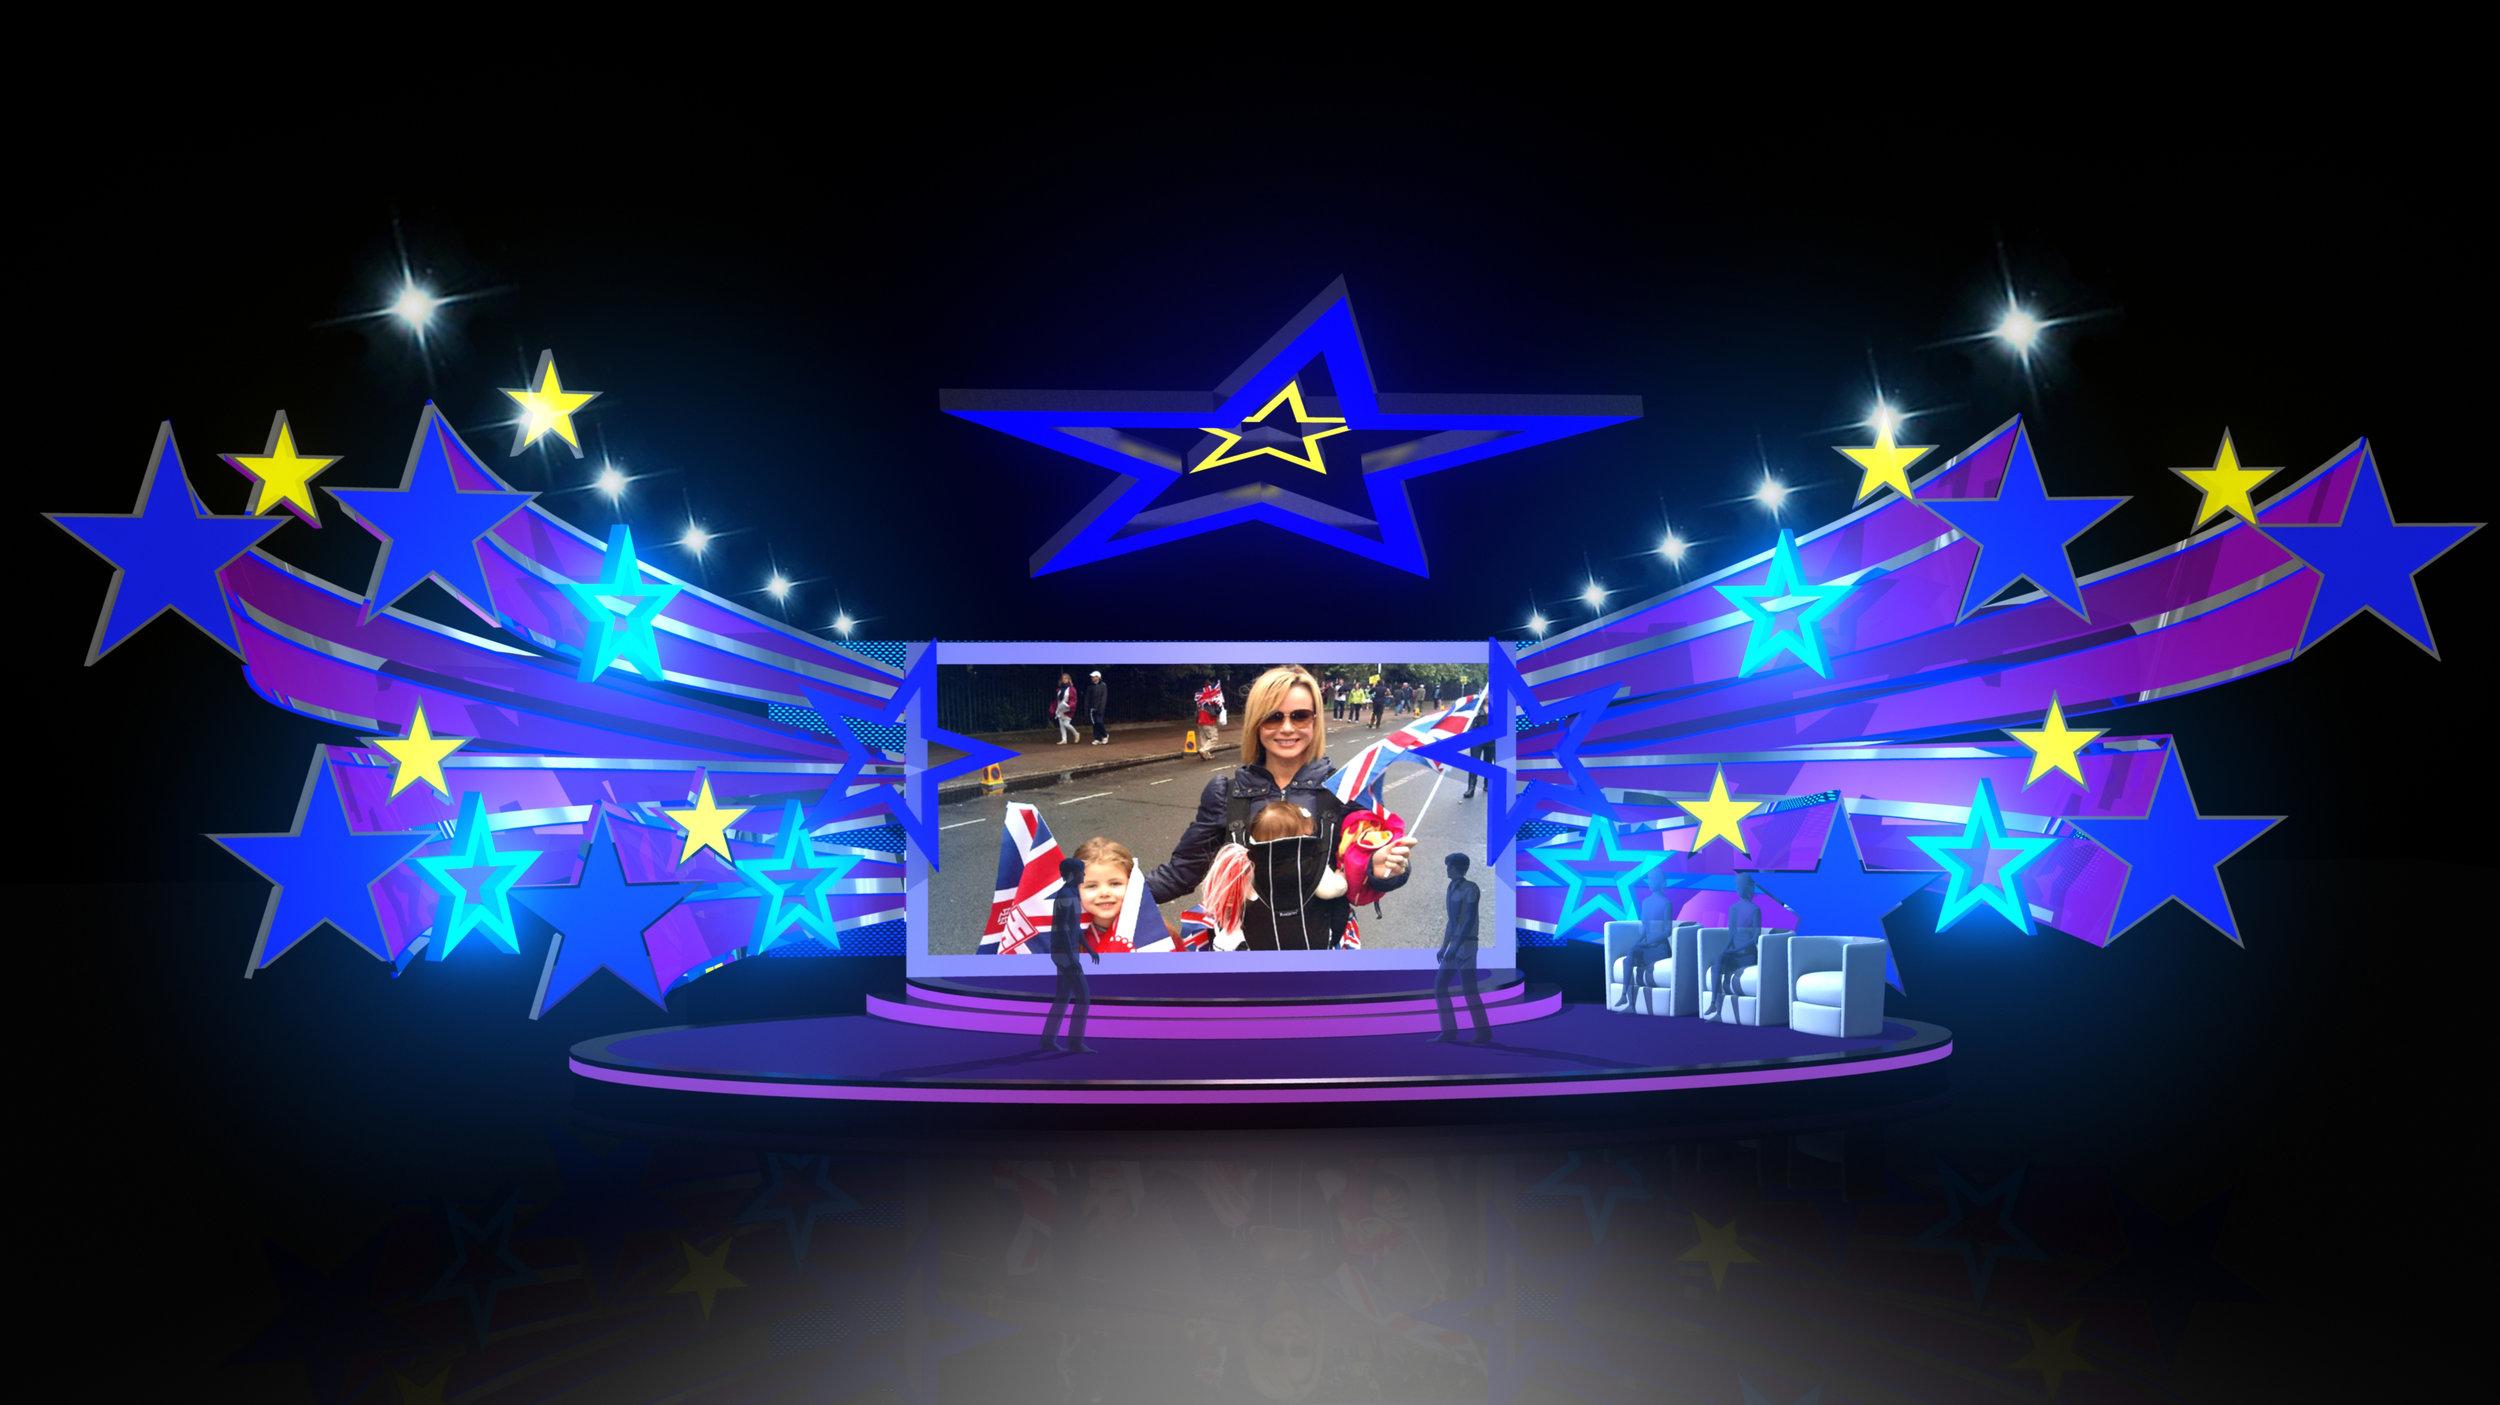 bigstarslittlestar-cad1.jpg